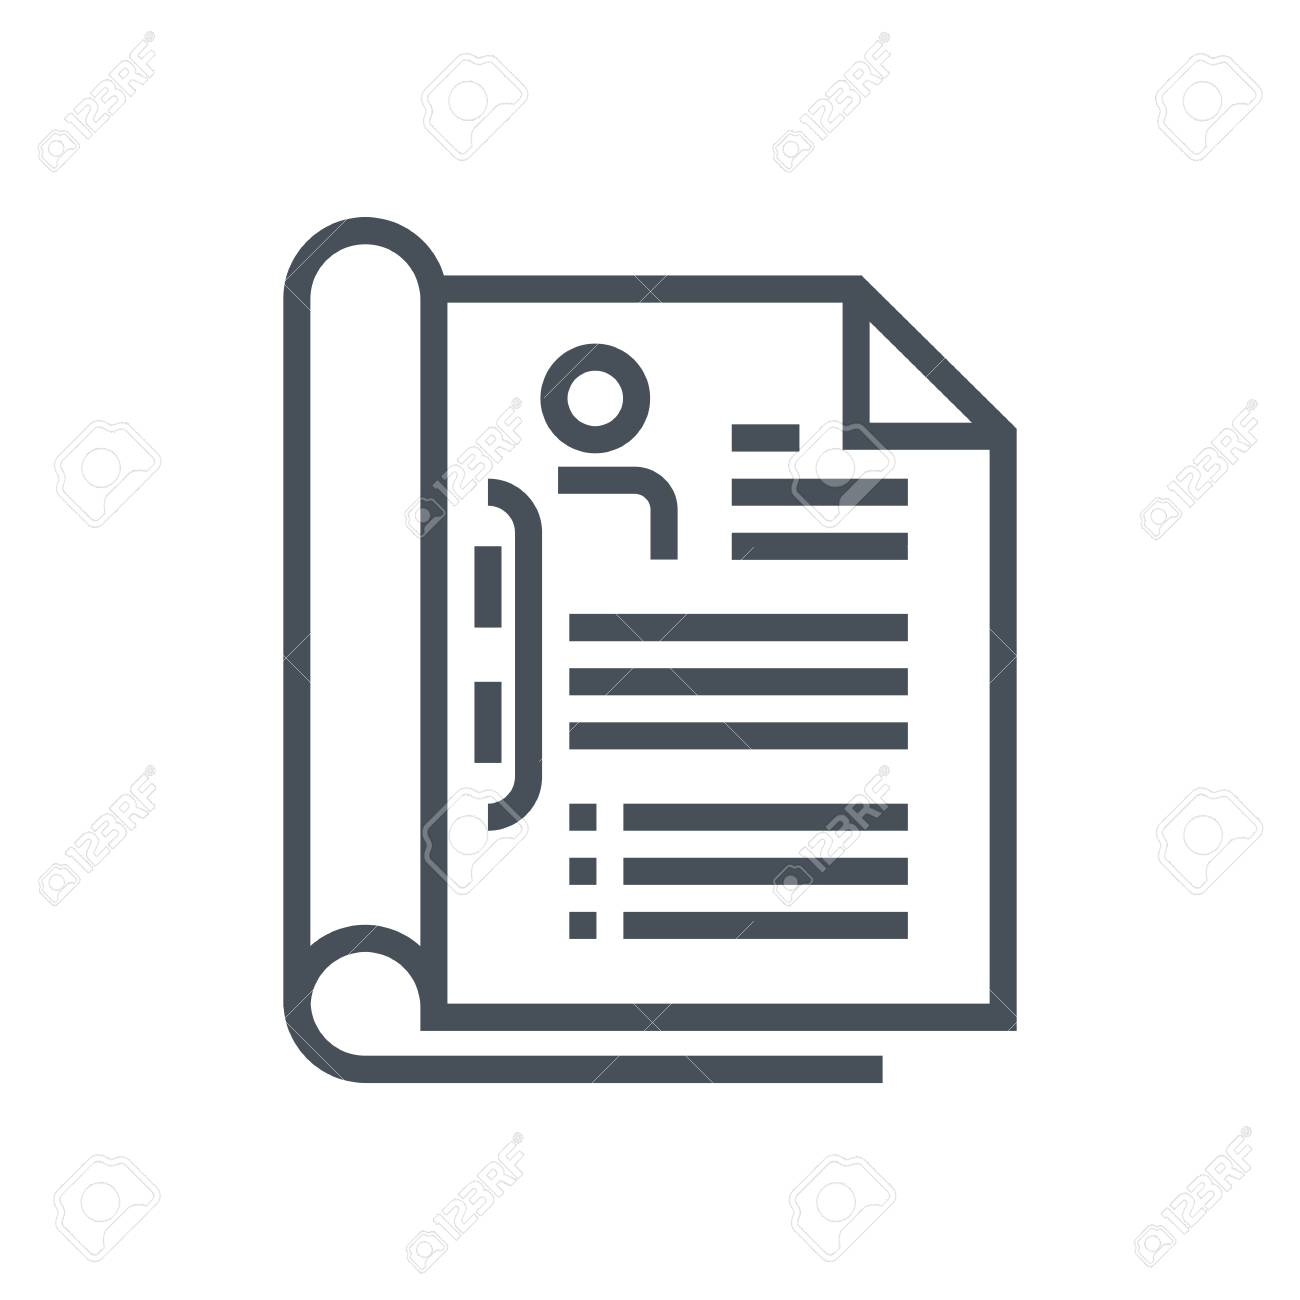 Reanudar El Icono Adecuado Para La Información De Gráficos, Páginas ...